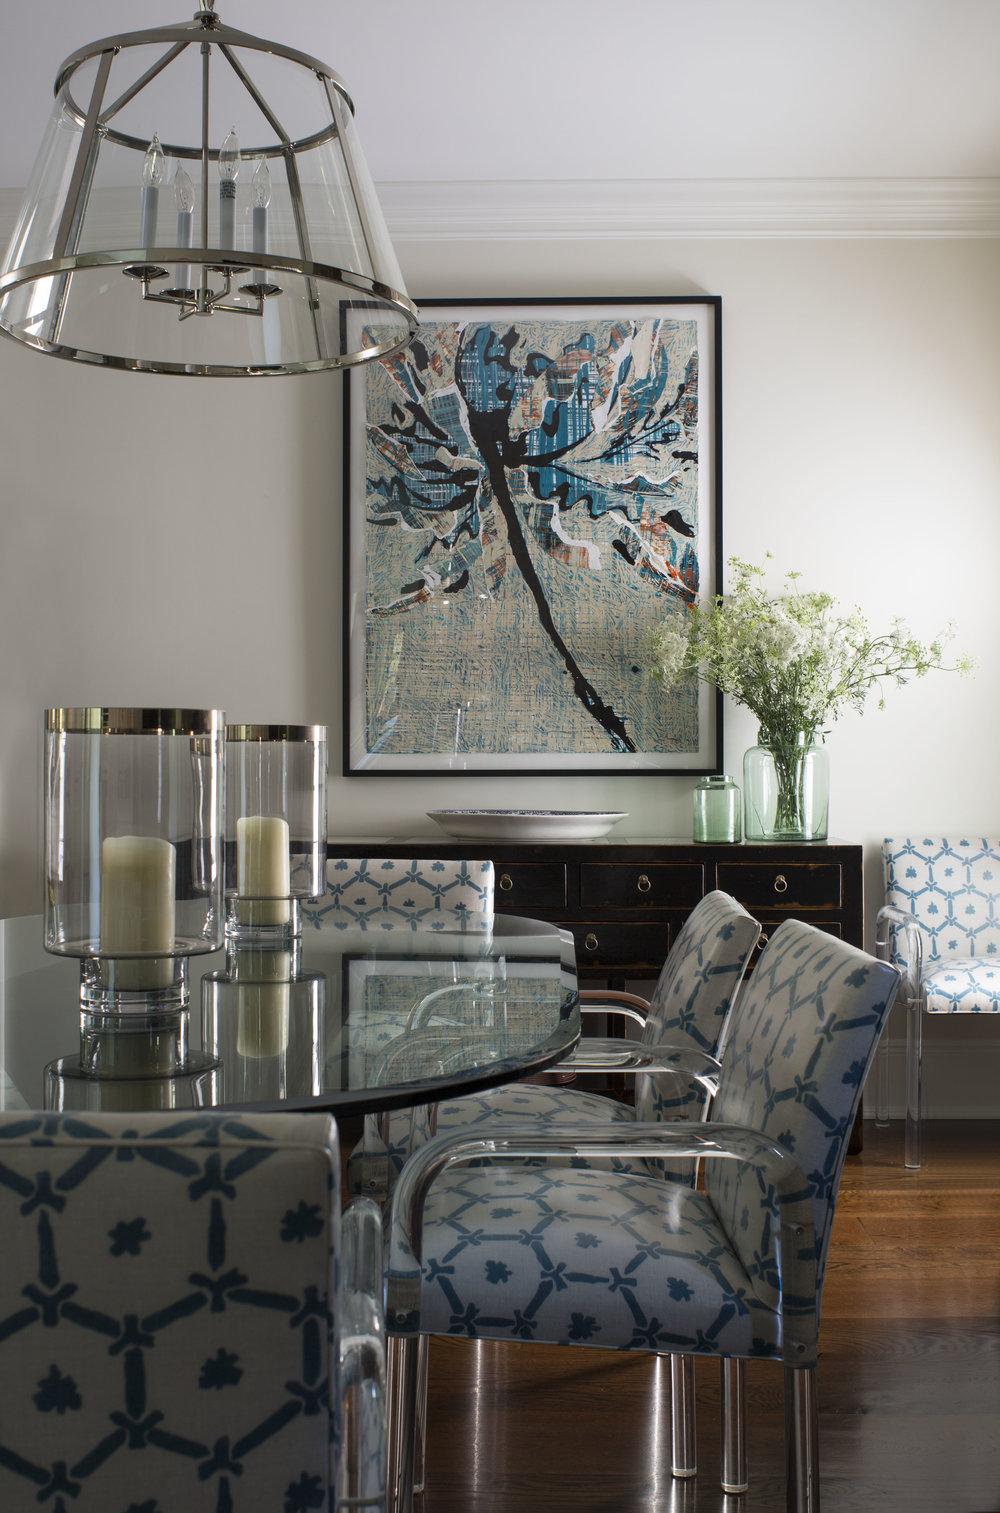 L_Hilderbrand-Interiors_Breakfast_Sideboard_63537.jpg